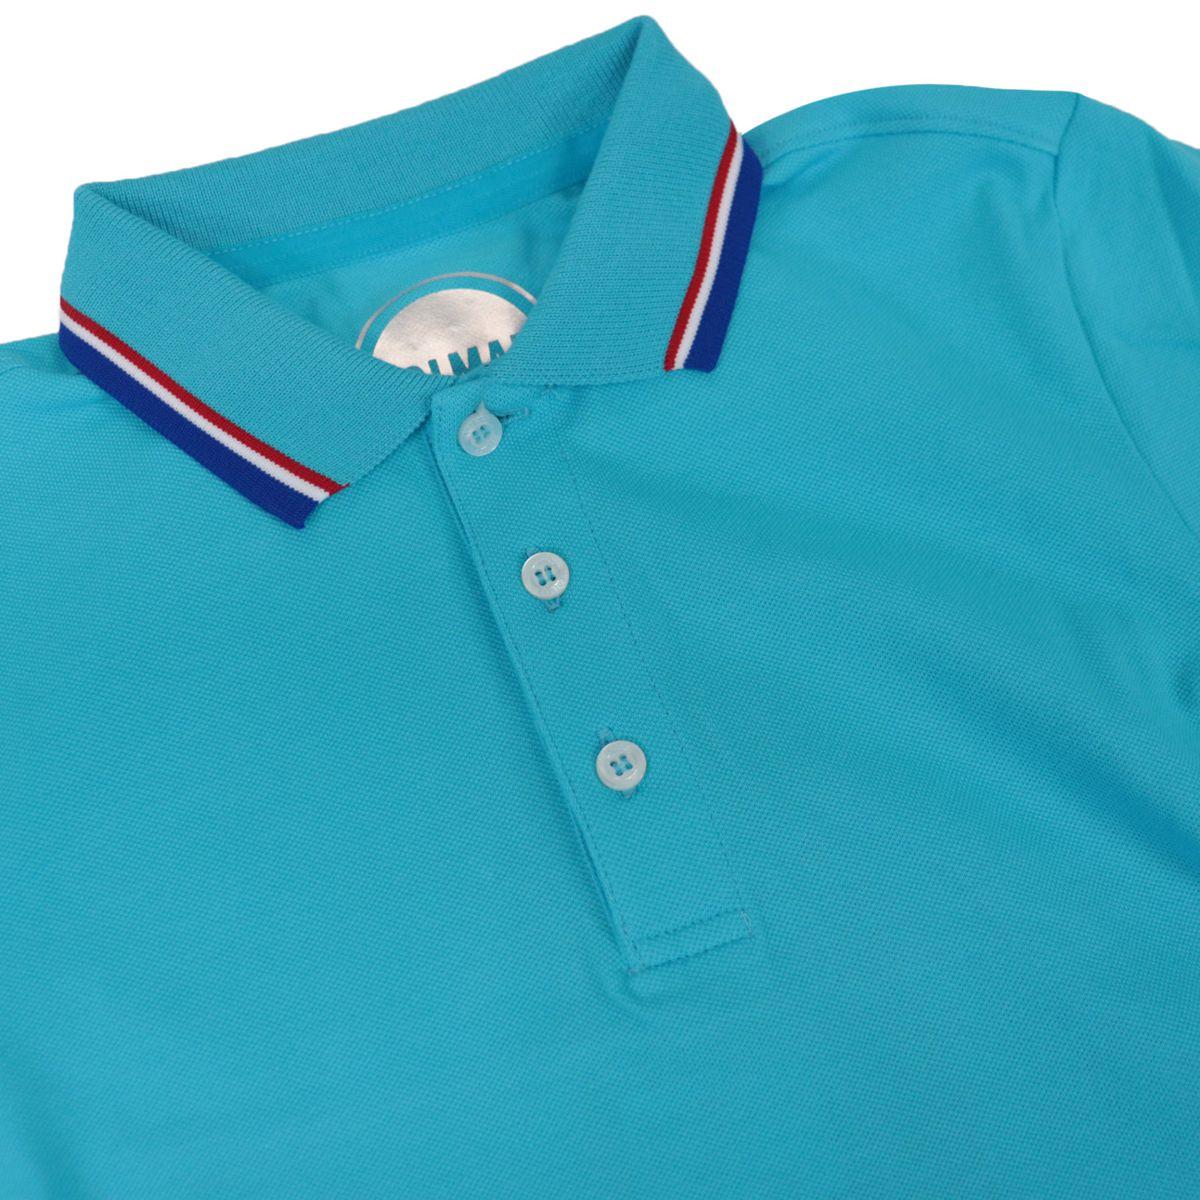 Cotton piqué polo shirt with striped collar Heavenly Colmar